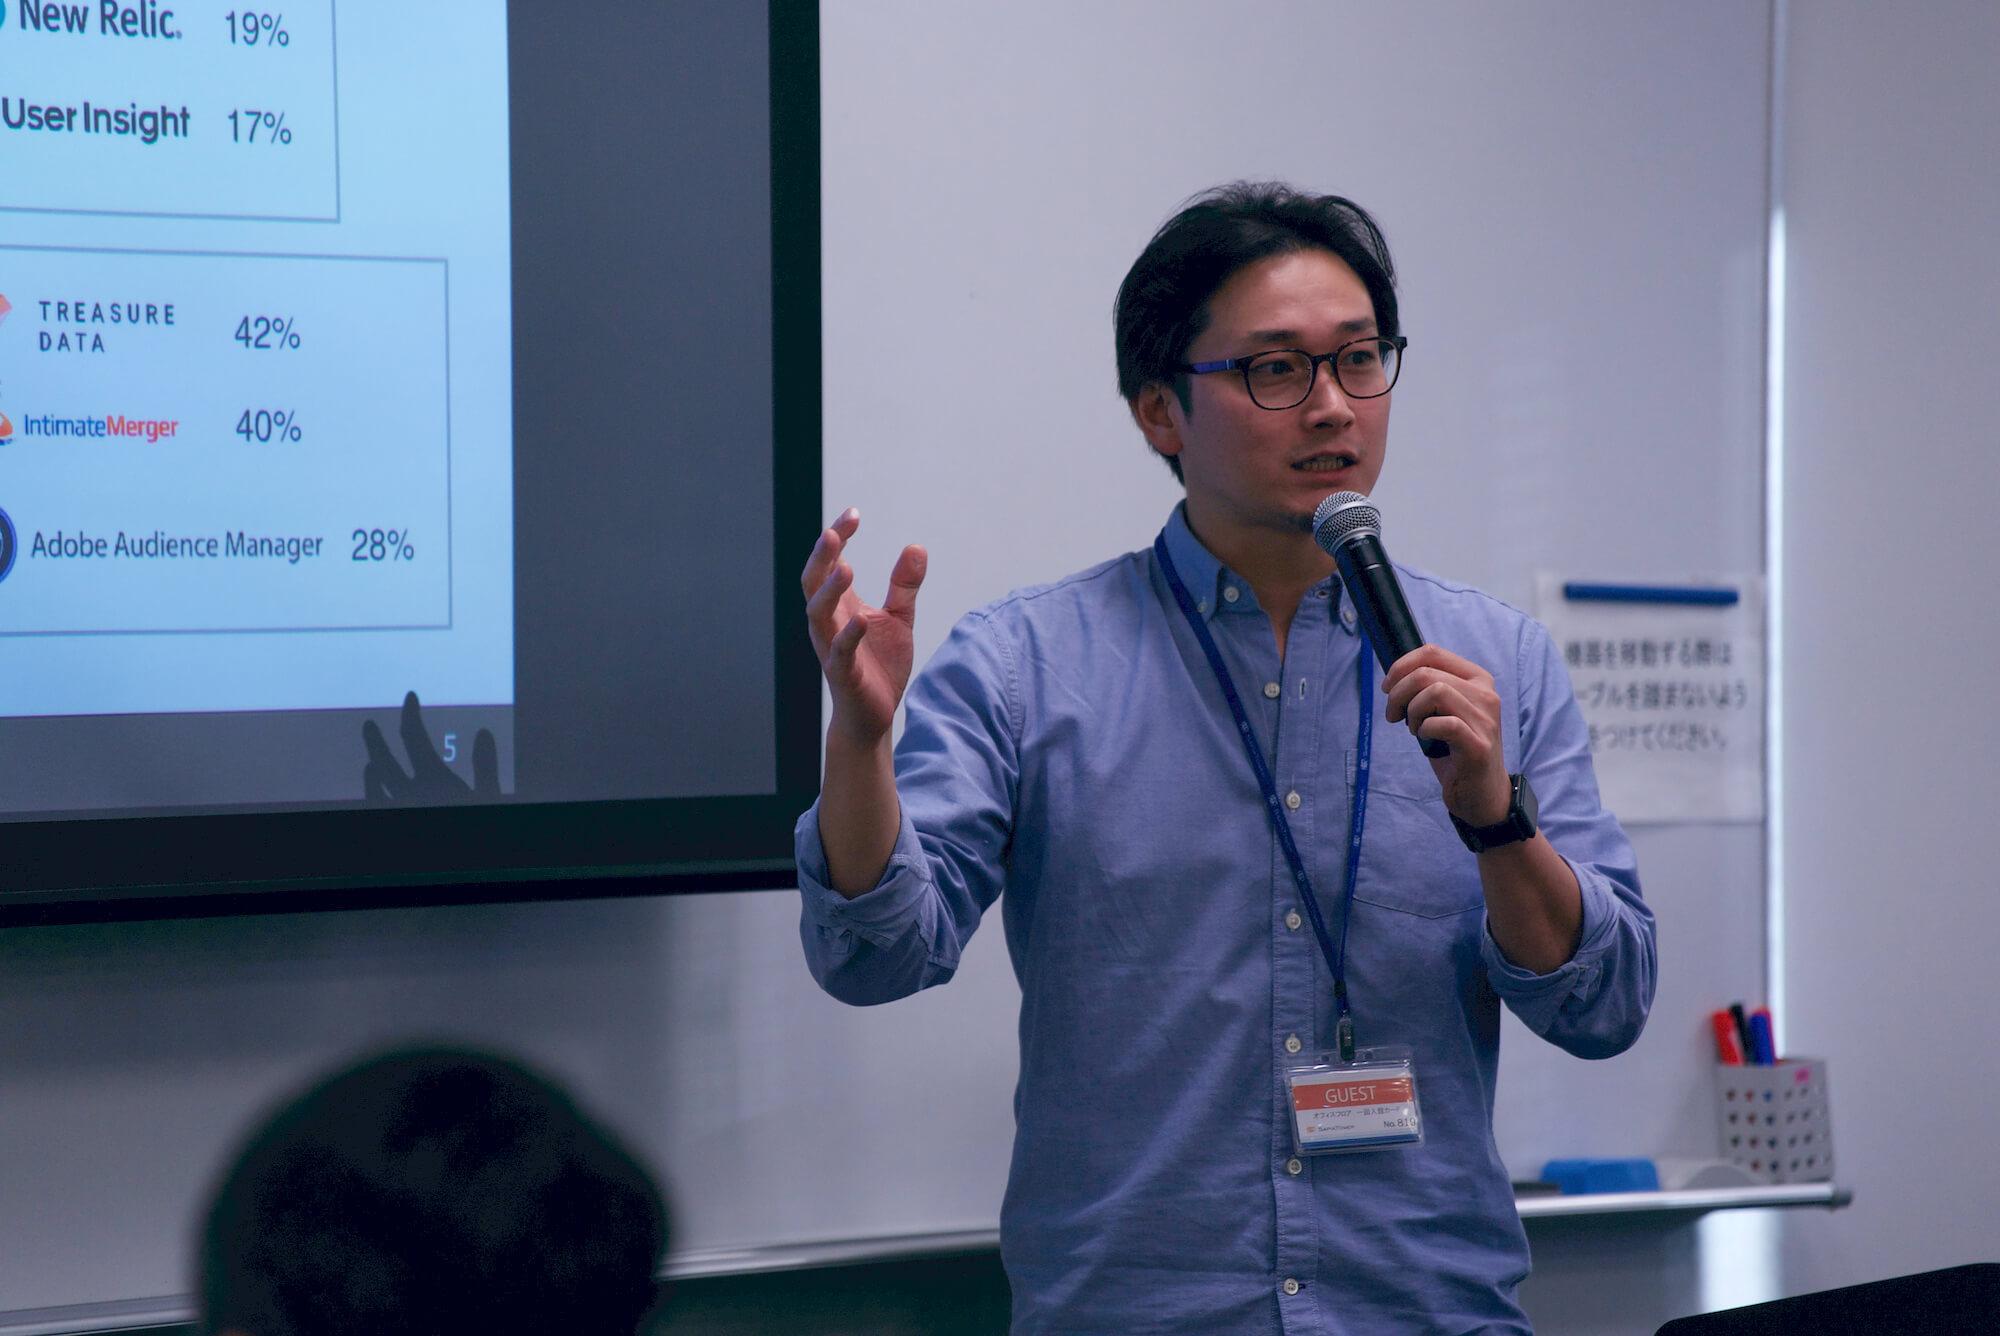 「社会情報学シンポジウム」でDataSign代表の太田が講演しました